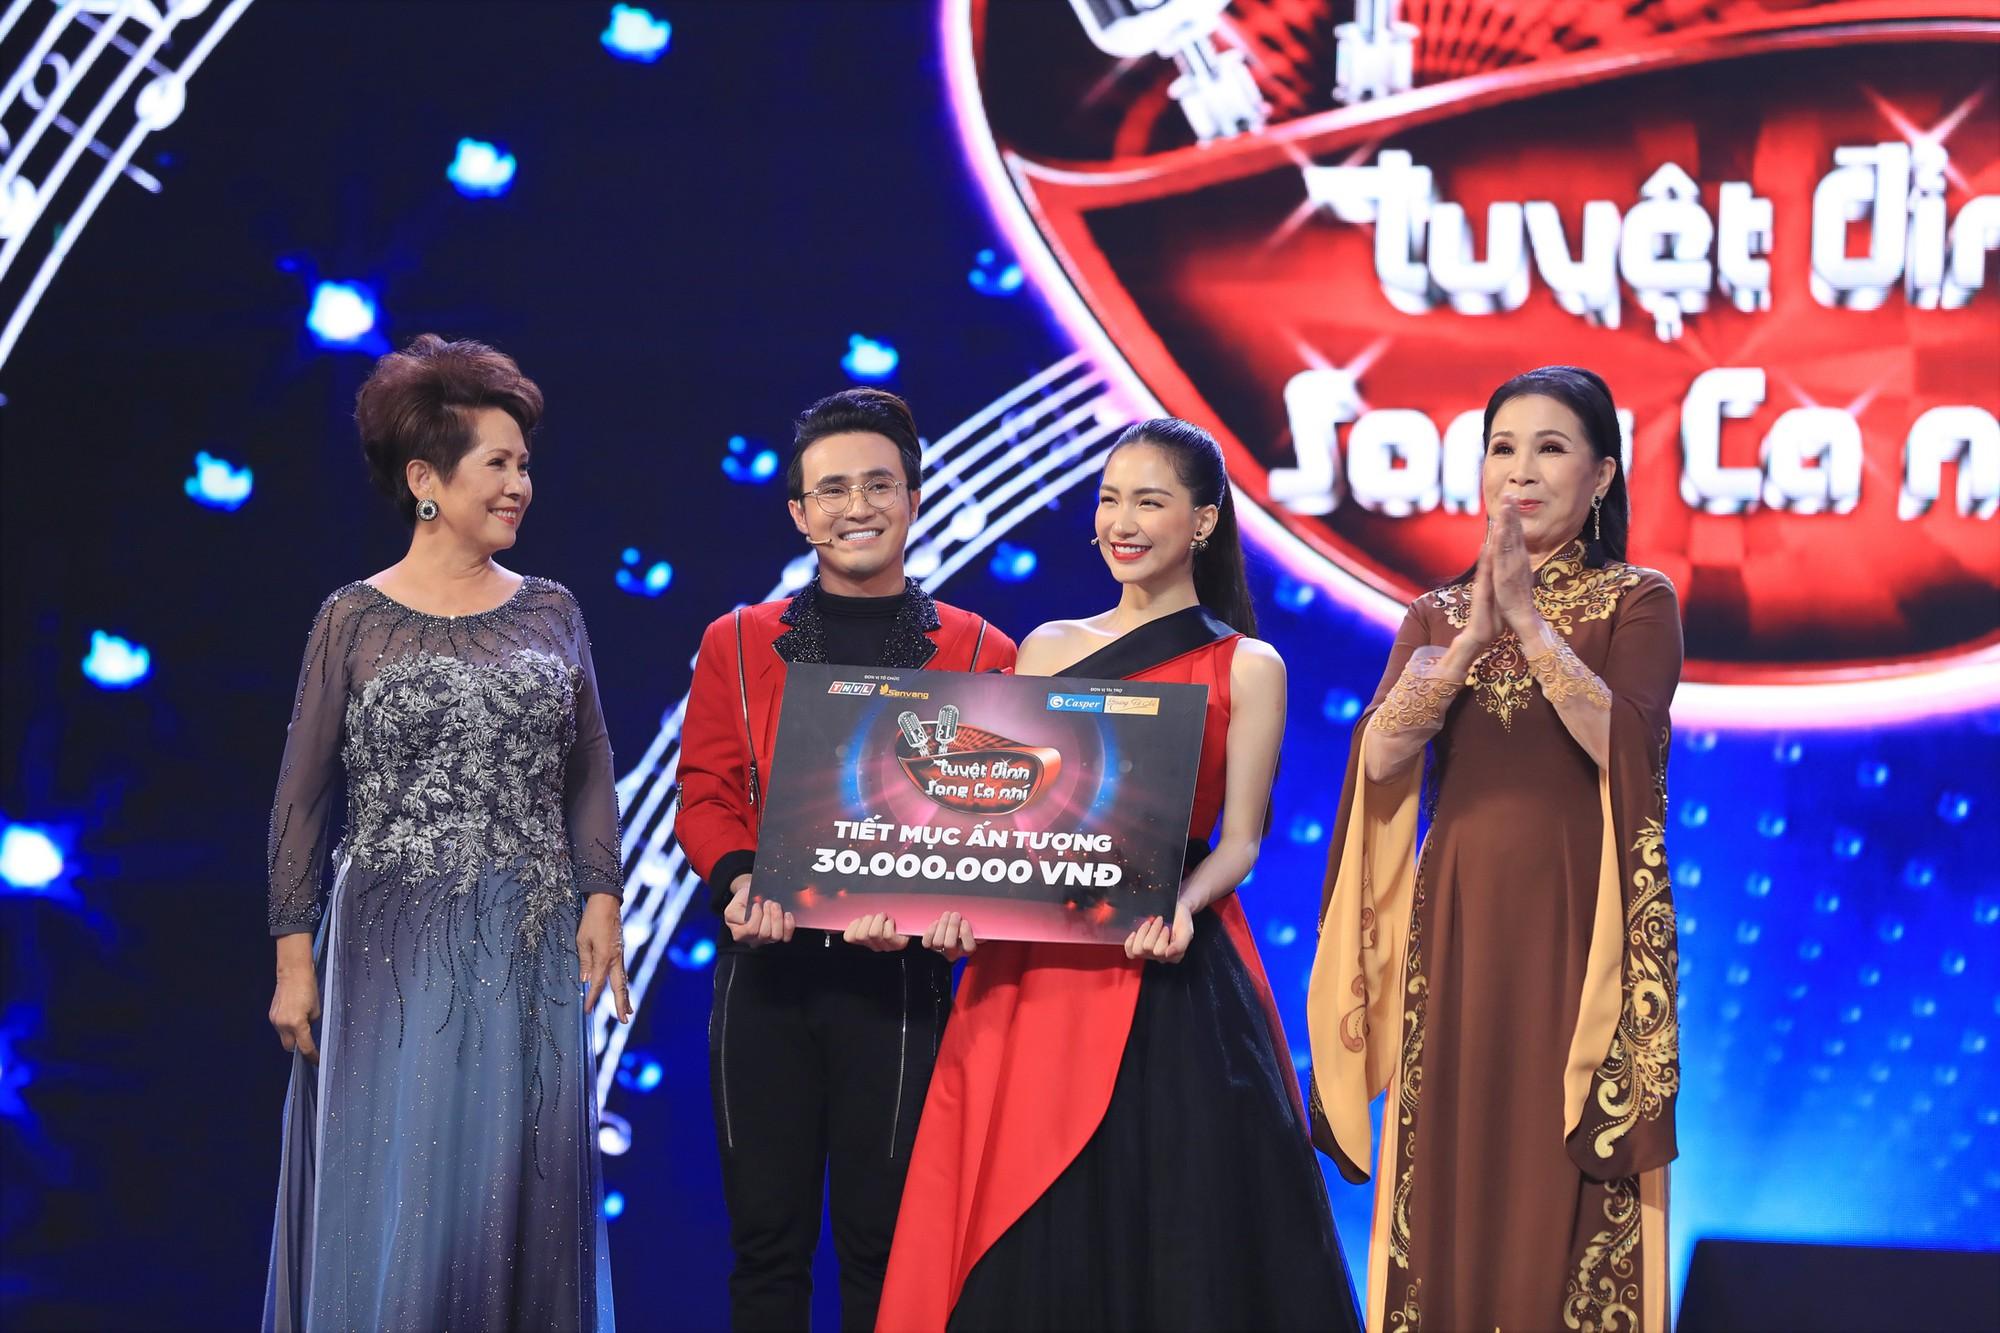 Bị gắn mác ca sĩ hội chợ, Hồ Việt Trung vẫn đưa học trò đăng quang quán quân Tuyệt đỉnh song ca nhí - Ảnh 8.